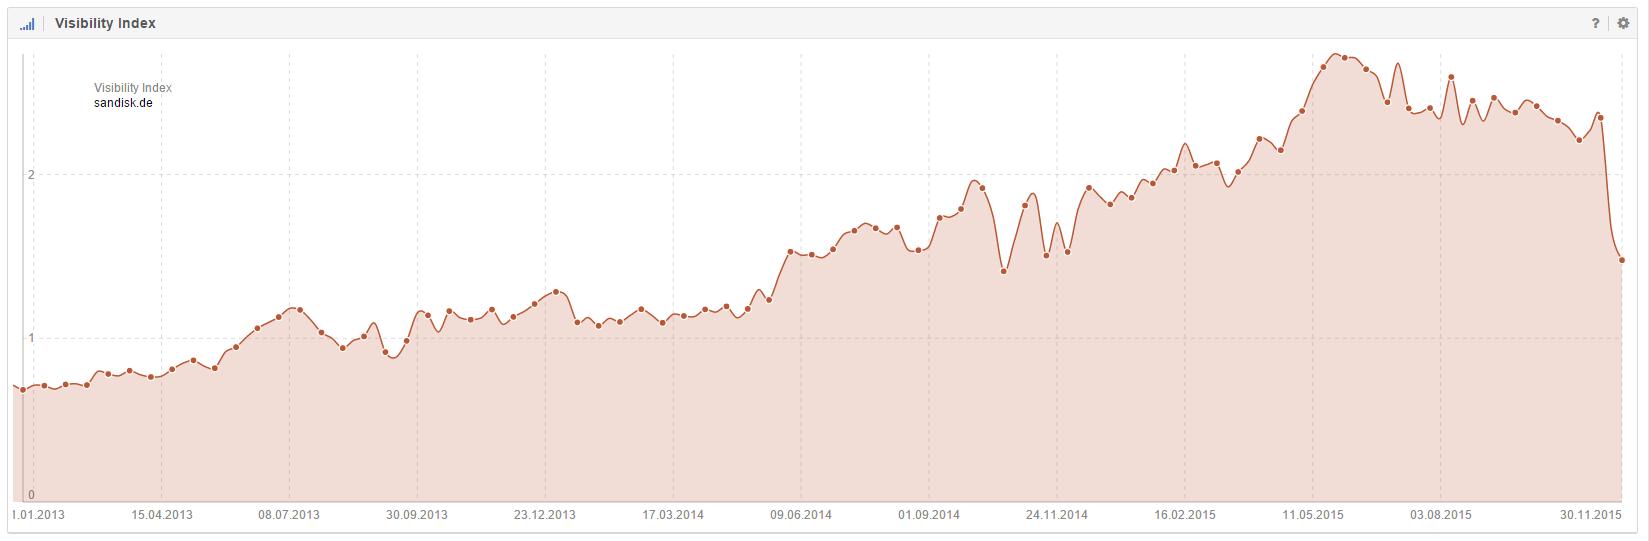 Sichtbarkeitsindex der Domain sandisk.de